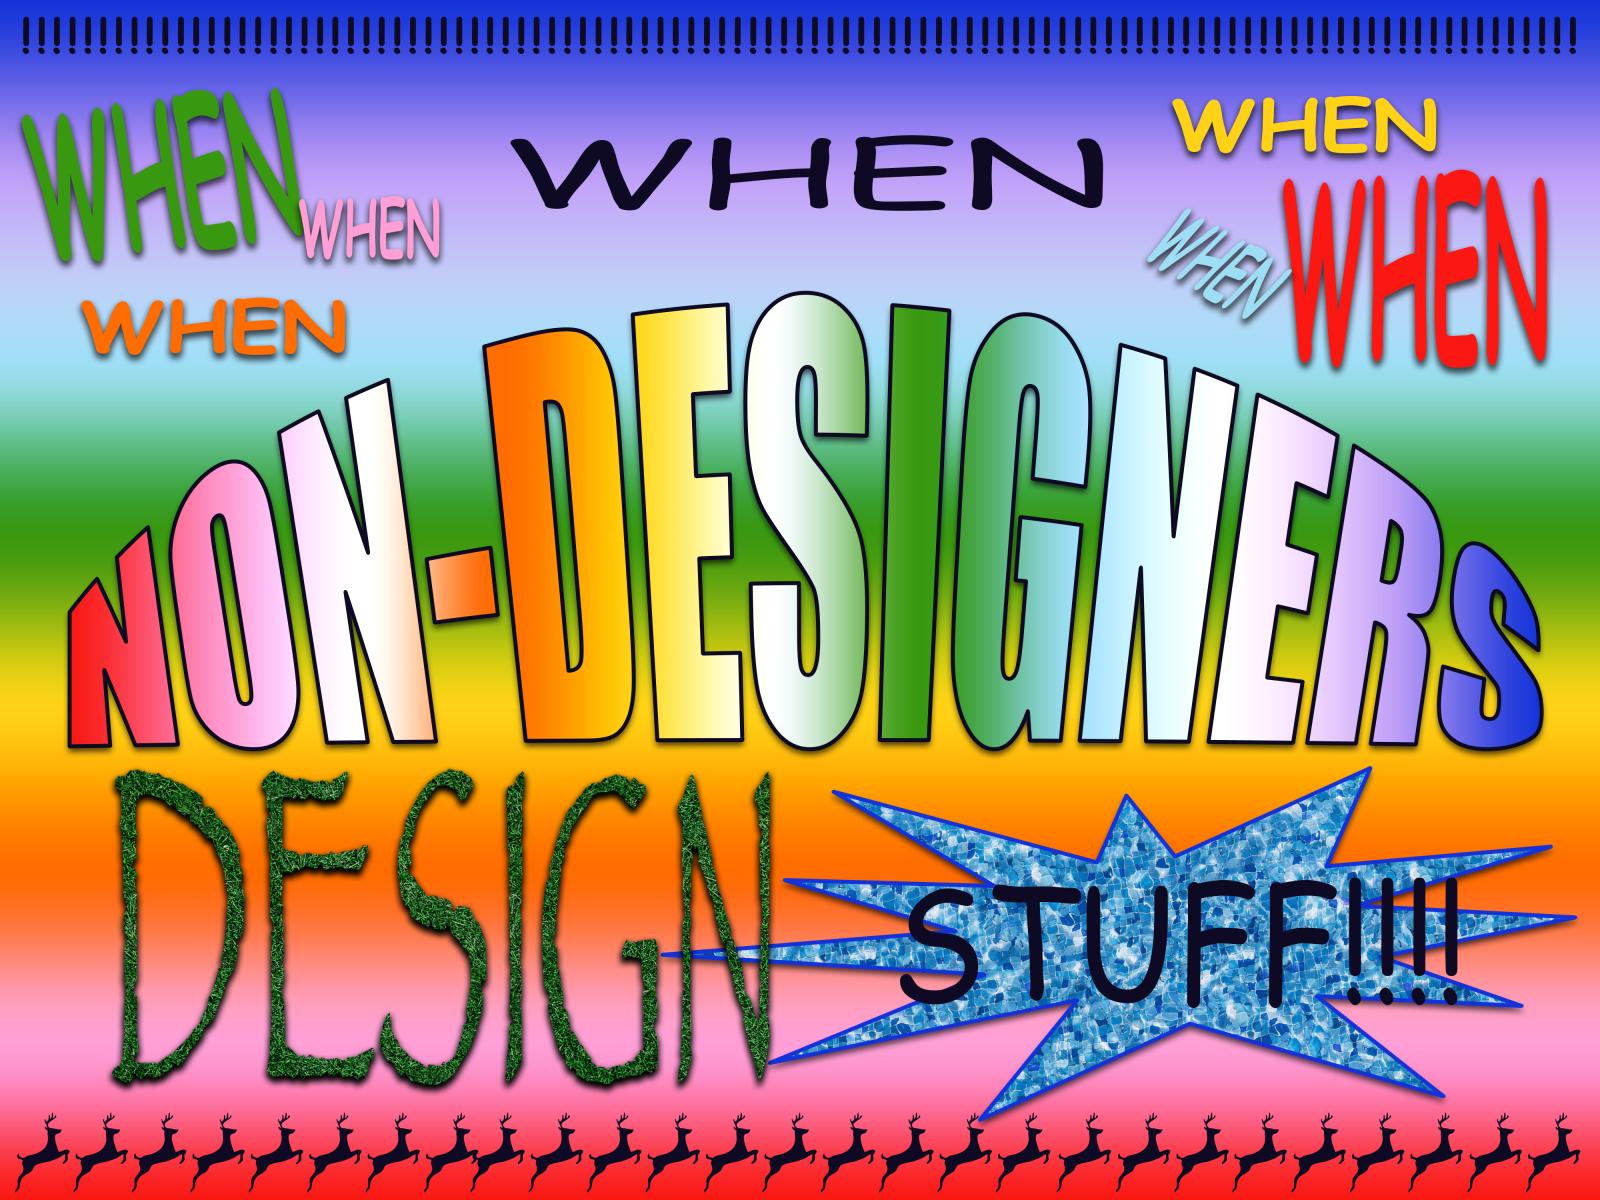 Overtime: When Non-Designers Design Stuff